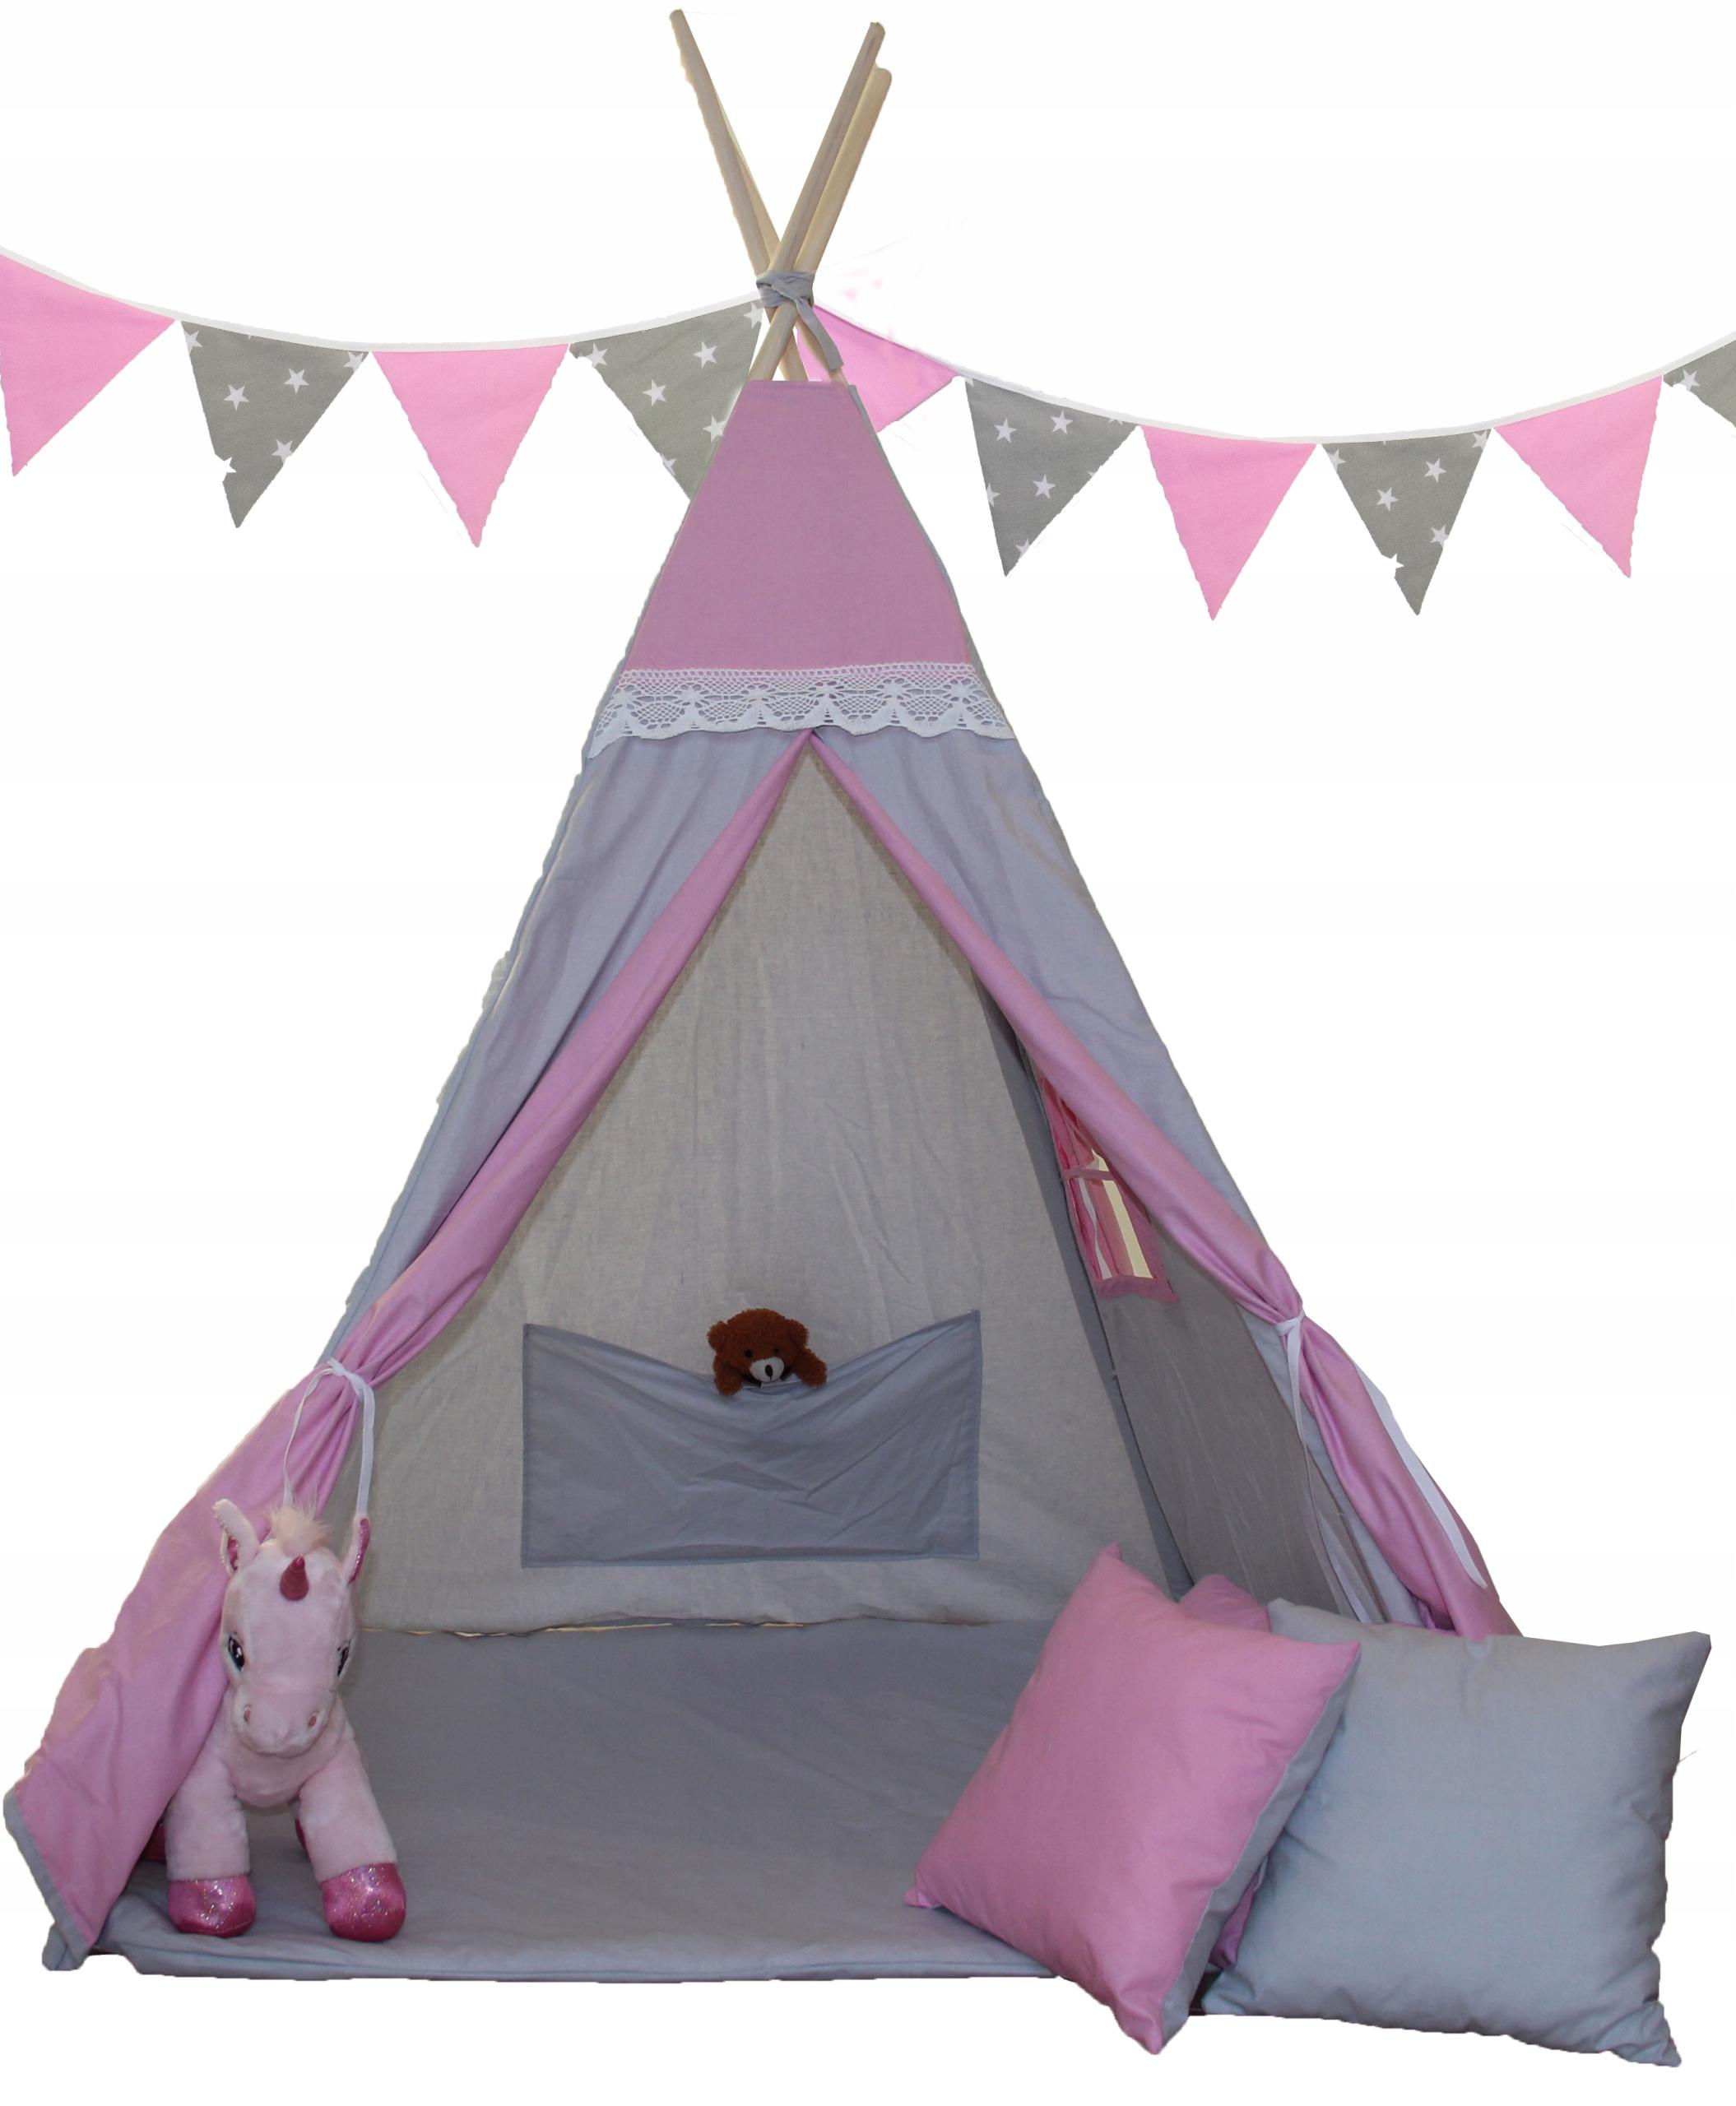 ТИПИ с шторами, детская палатка, домик + БЕСПЛАТНО